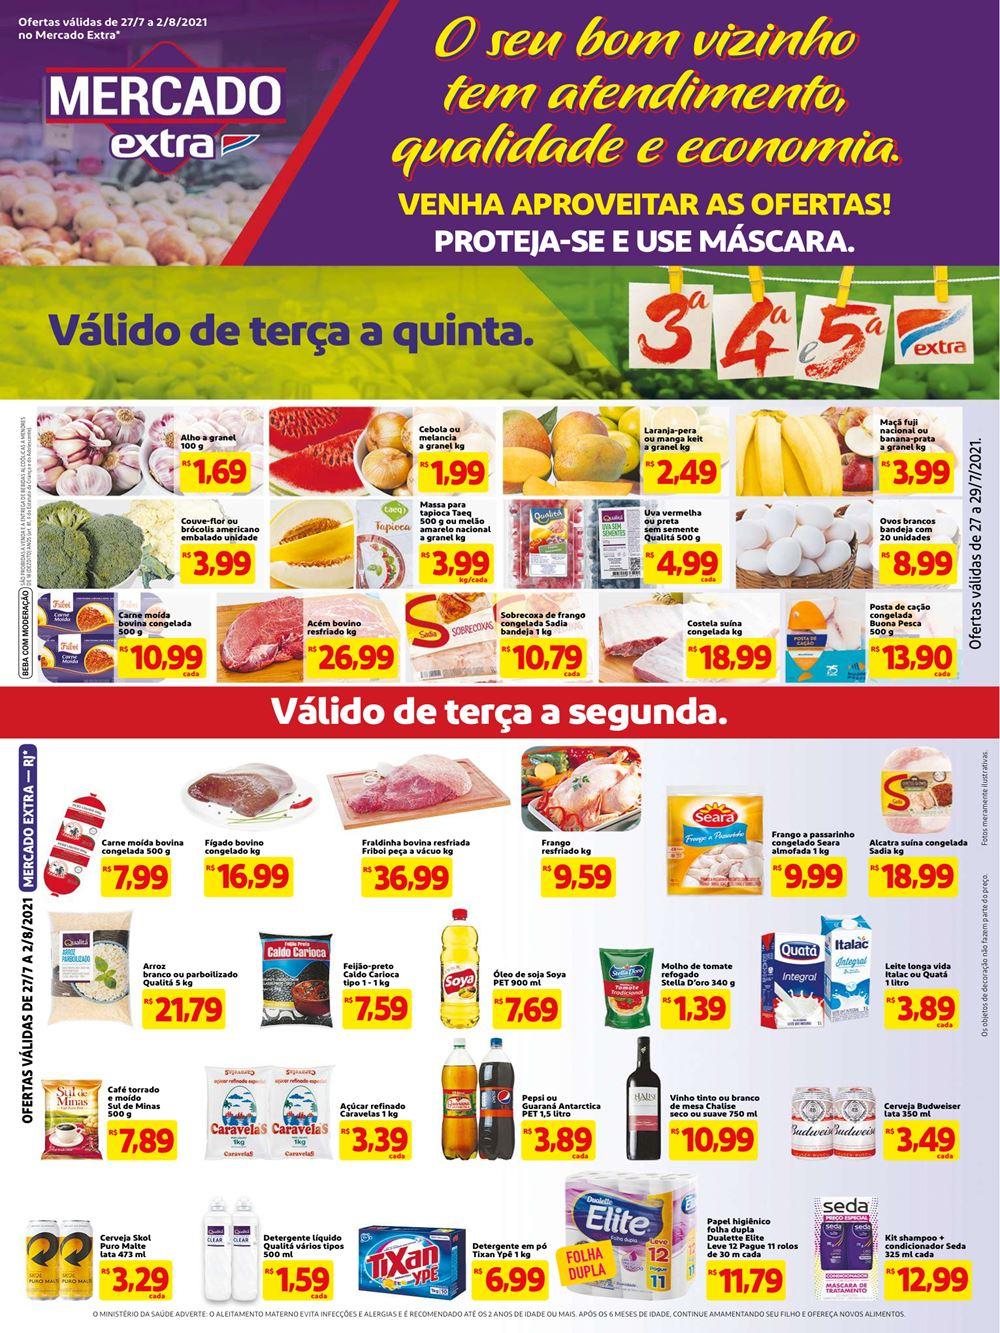 extra-ofertas-descontos-hoje1-4 Novo Folheto Mercado Extra ofertas até 02 de Agosto: confira